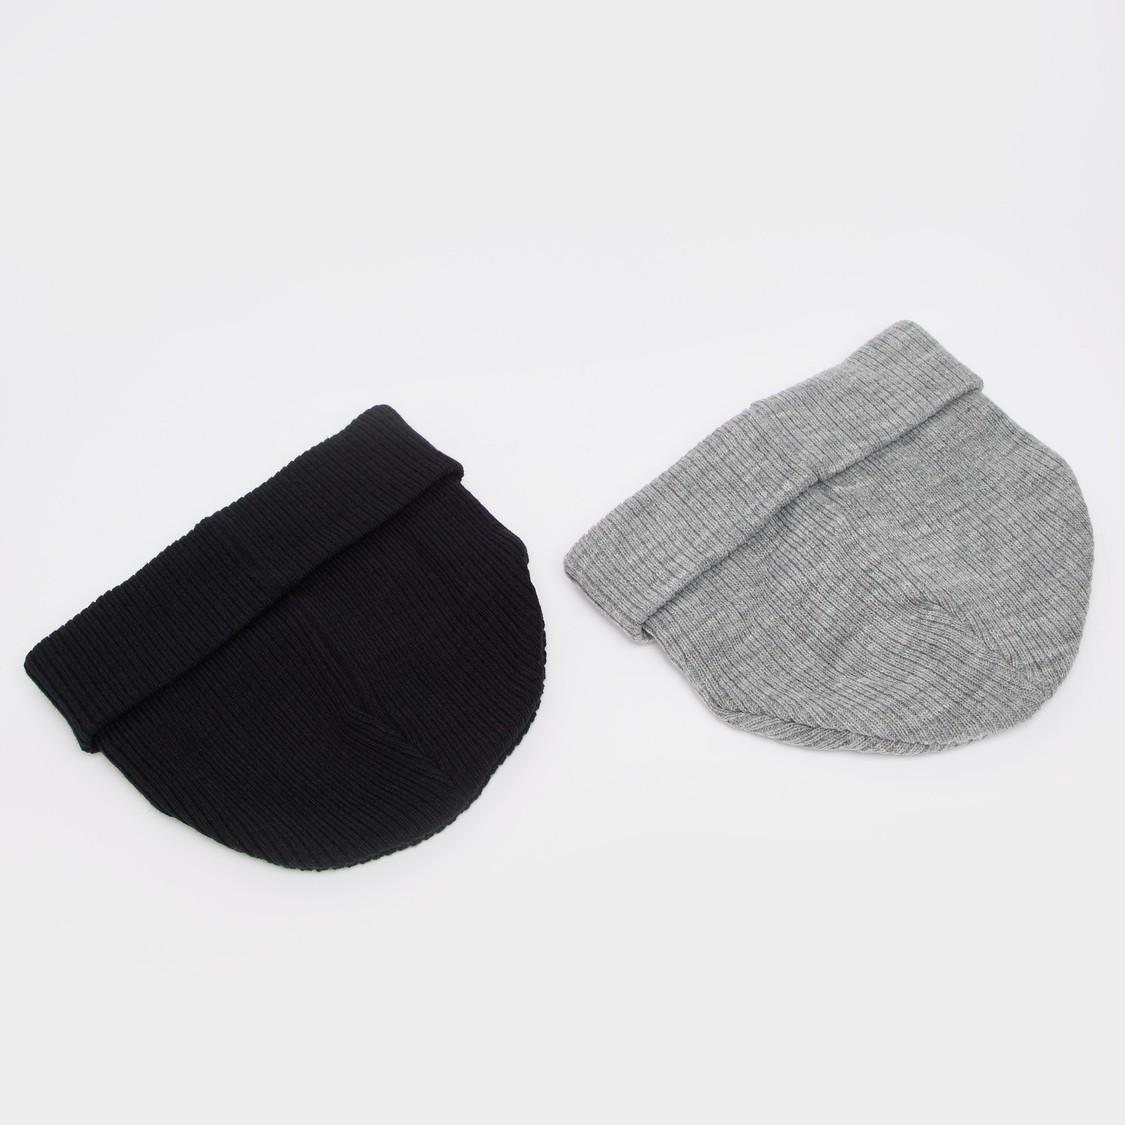 قبعة بيني بطبعات - طقم من قطعتين